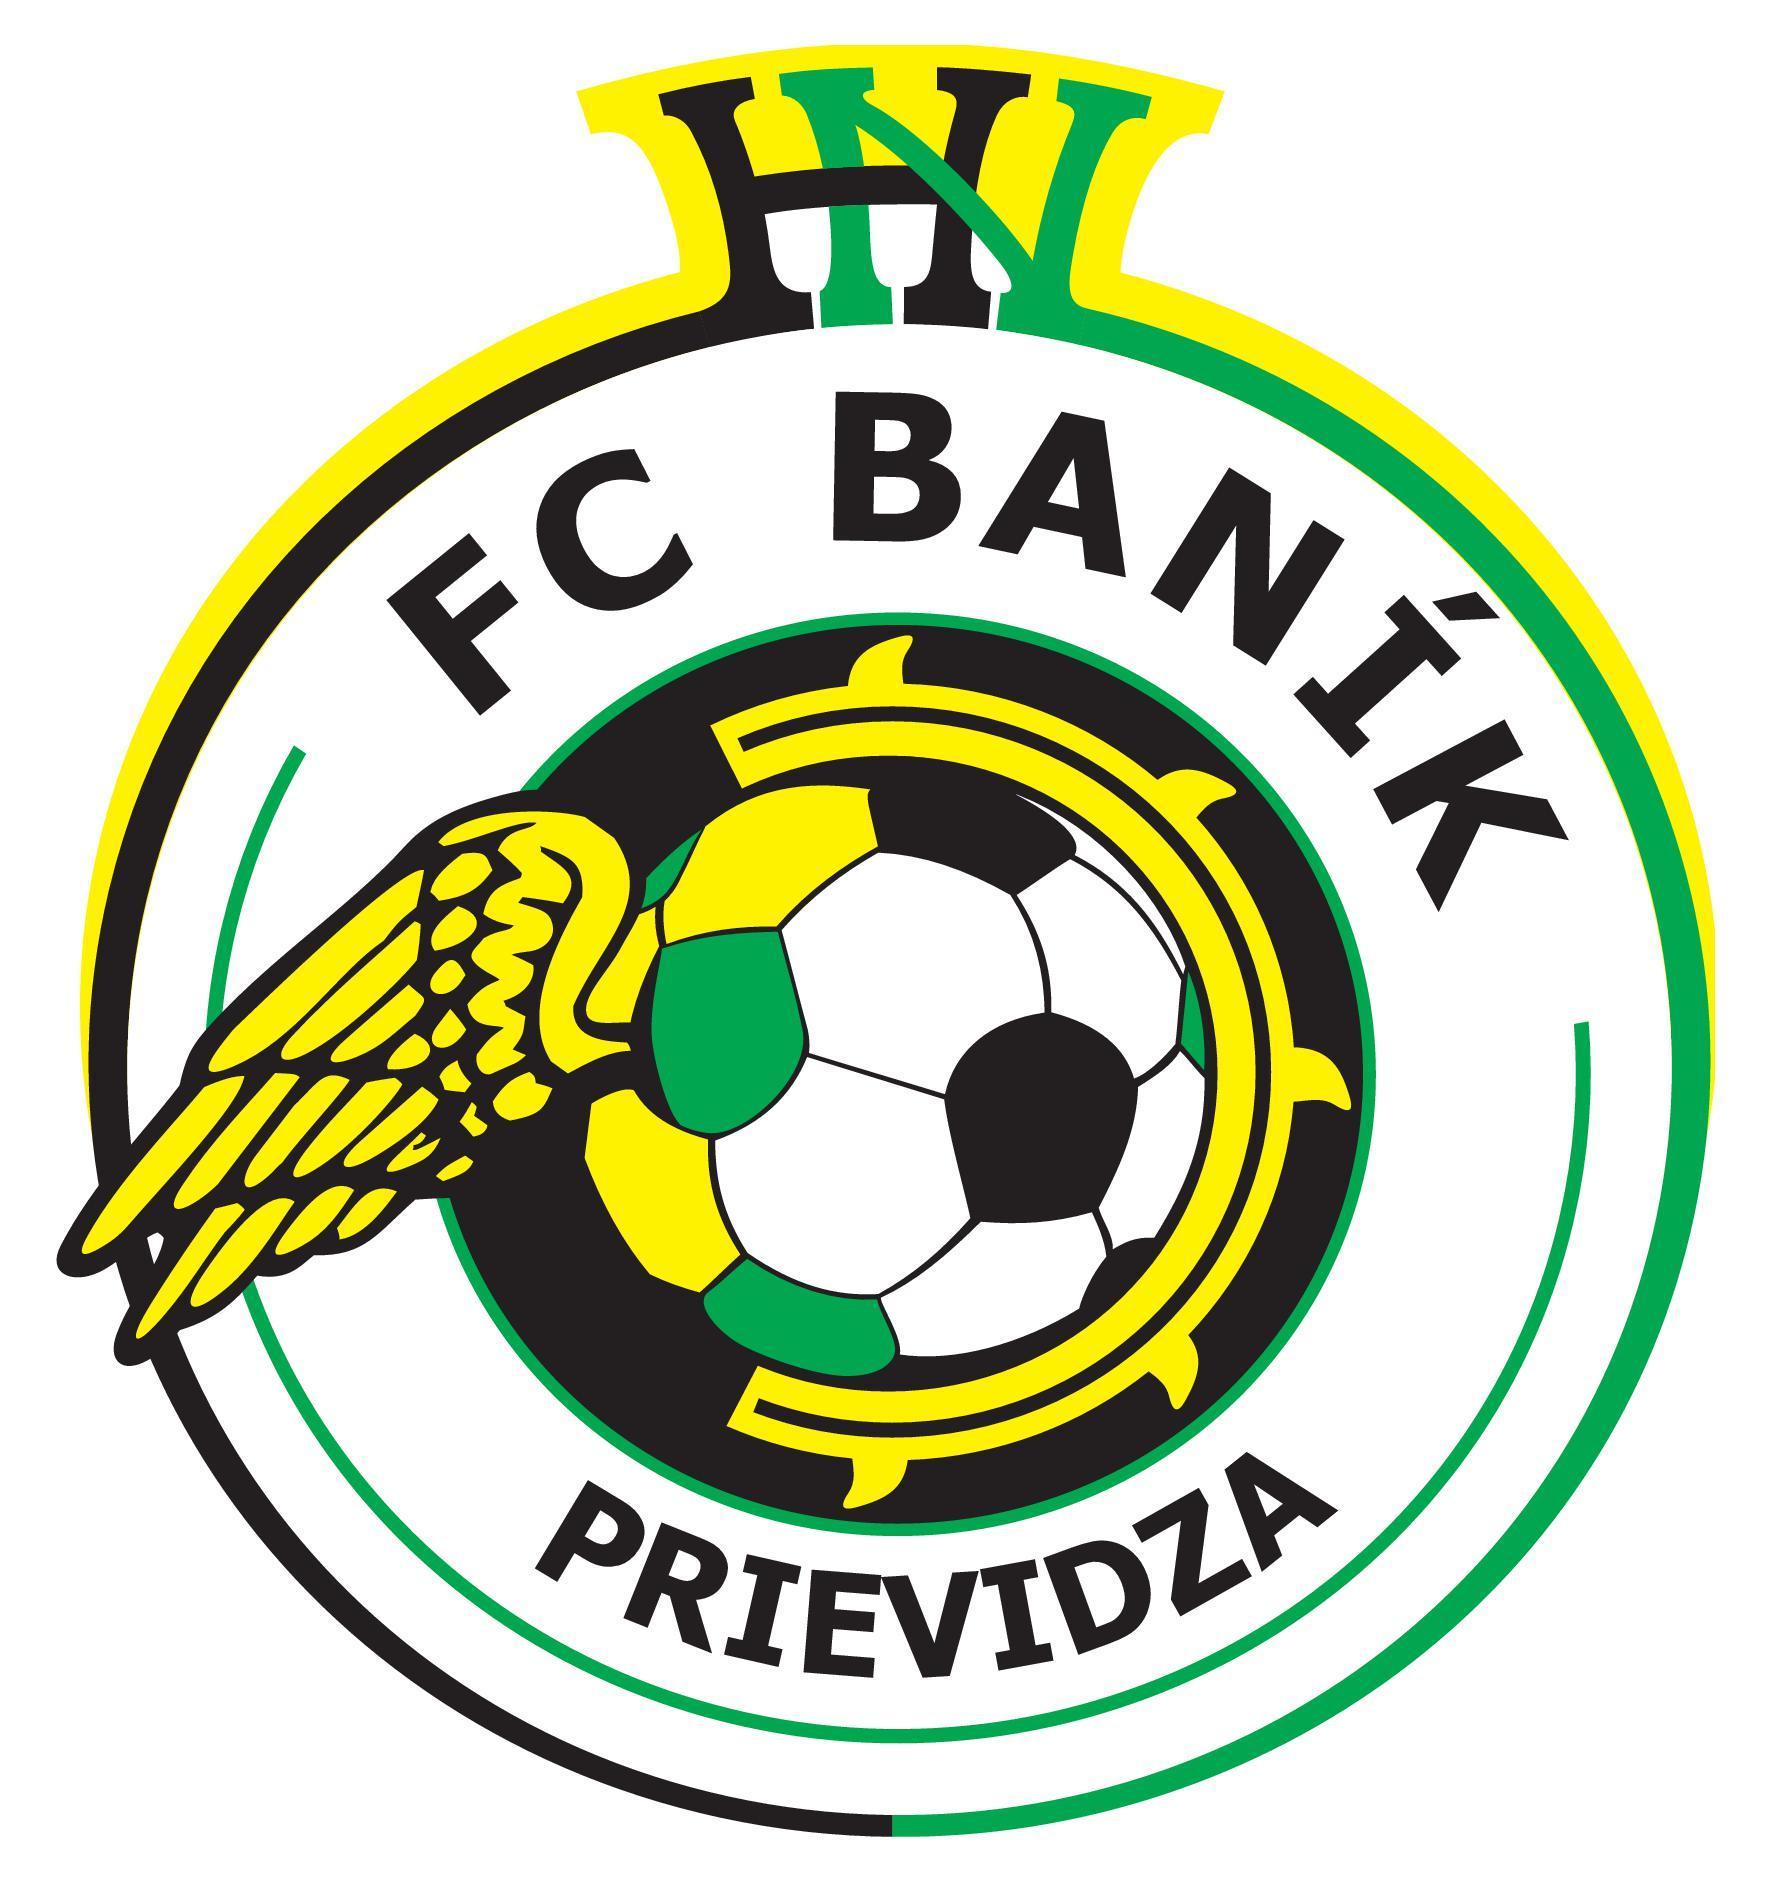 obr: Prípravné zápasy U 15/U 14 - letná príprava 2020/2021